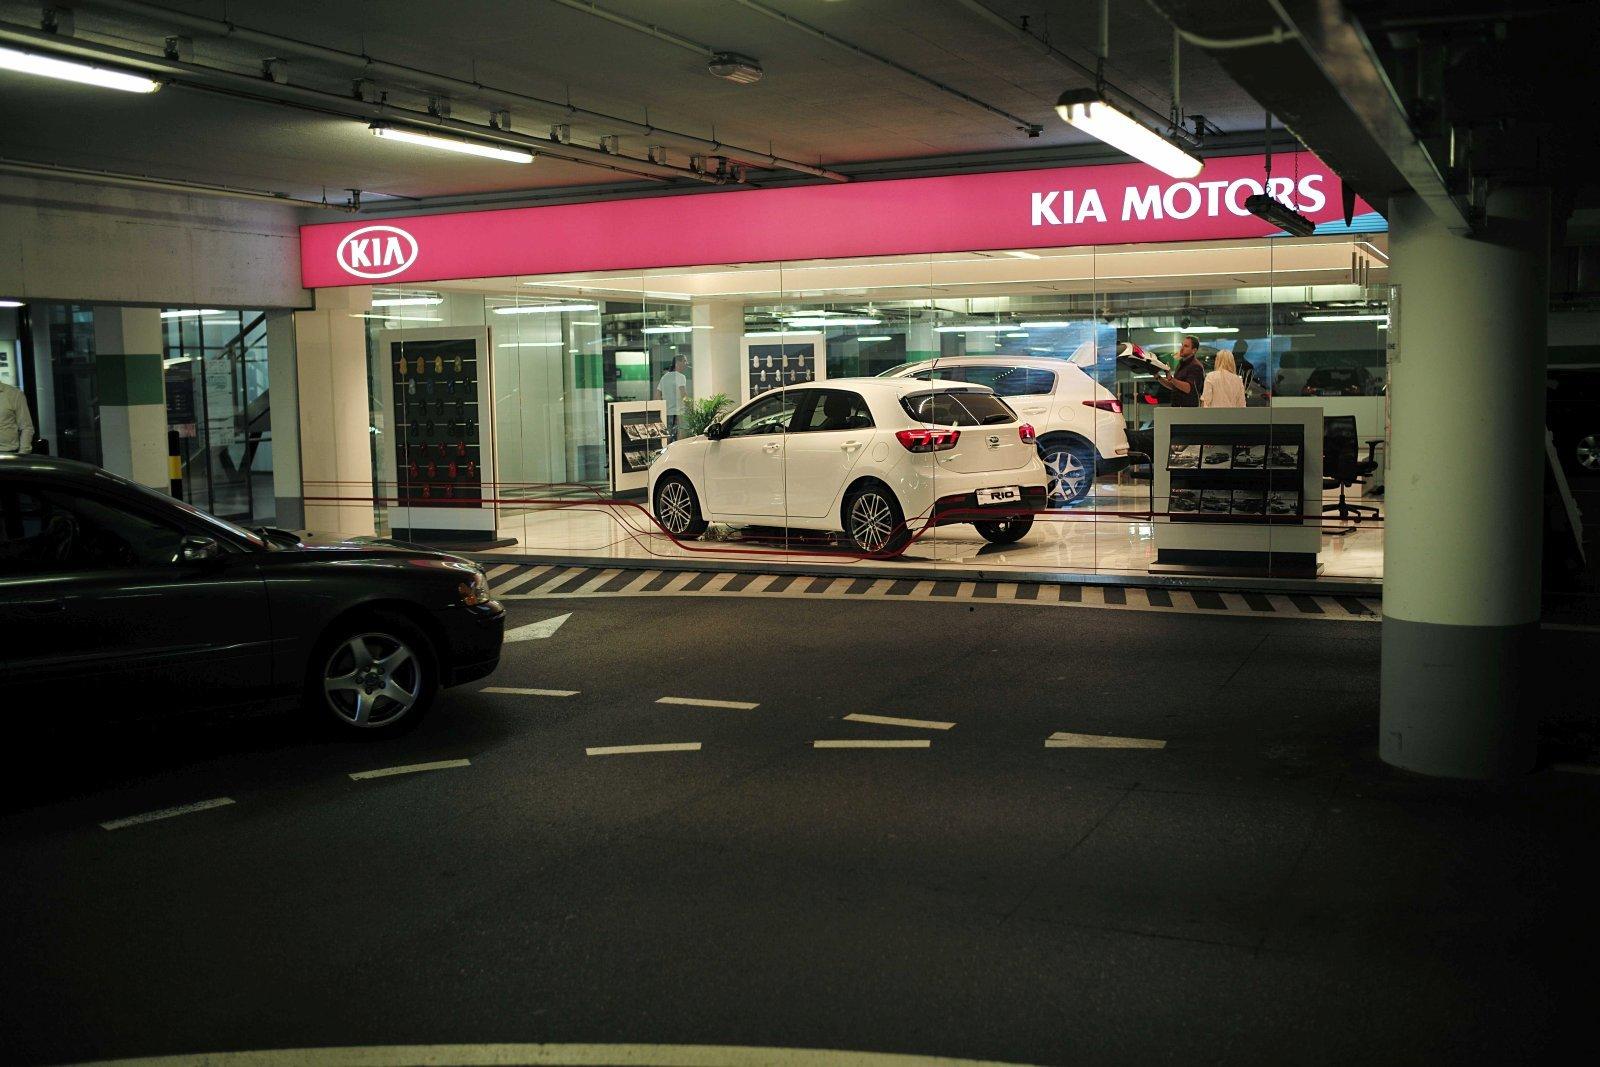 The Man Cave Store Riverside Mo : Kia mit erstem schauraum in einem einkaufscenter alles auto